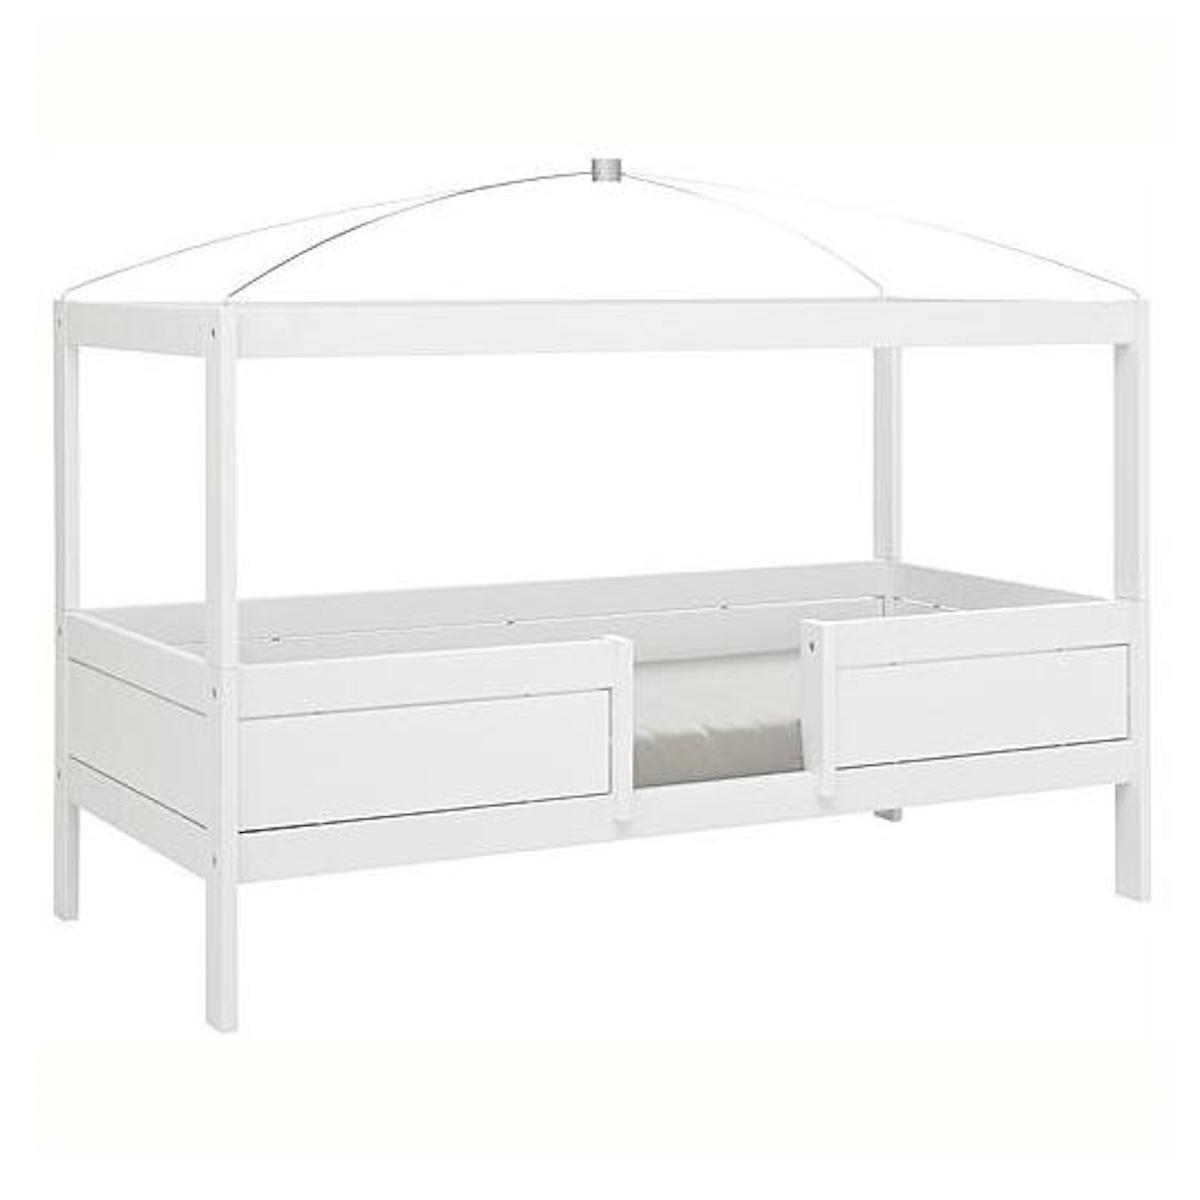 Lit évolutif-toit-rond 90x200cm 4 EN 1 Lifetime blanc